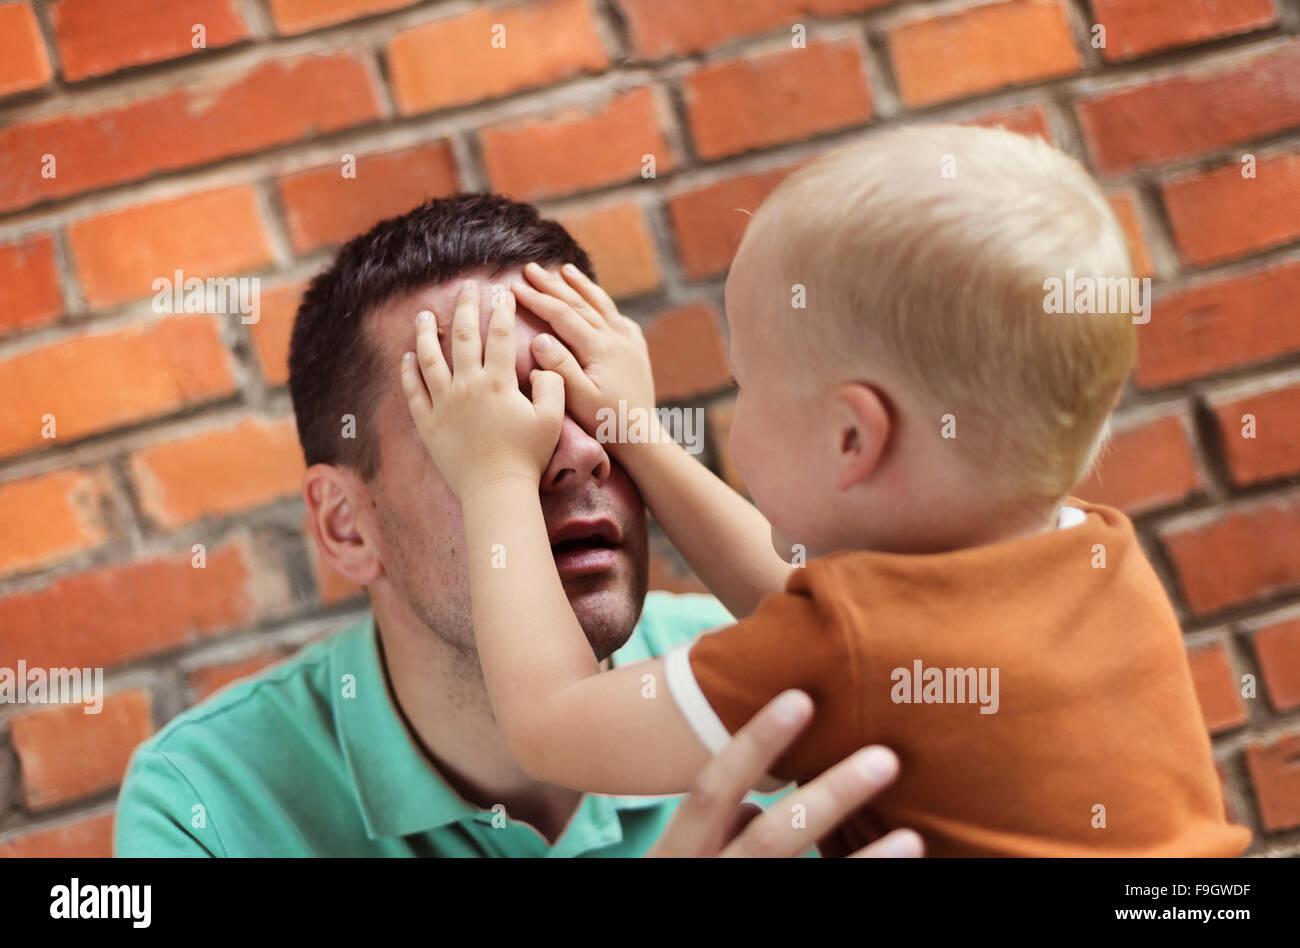 Padre e hijo haciendo muecas juntos sobre un fondo de pared de ladrillo Imagen De Stock